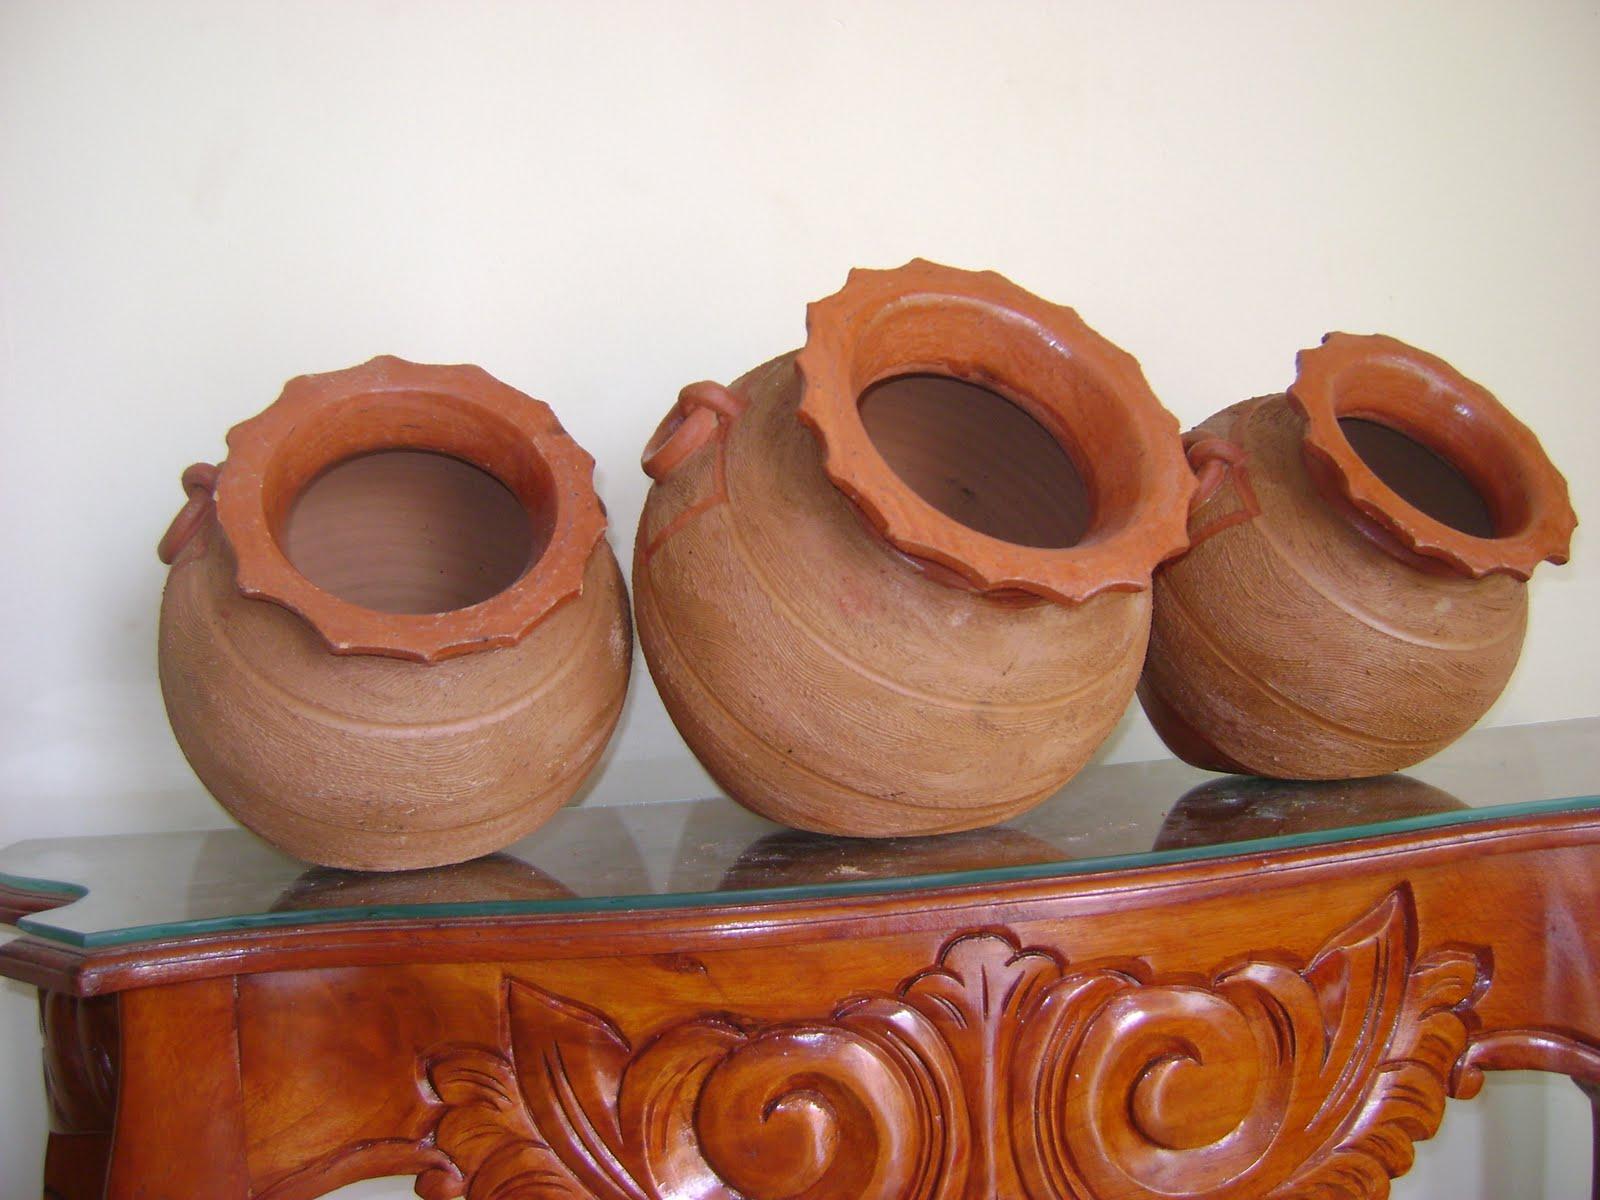 Potes y jardines tinajas for Tinajas de barro para jardin